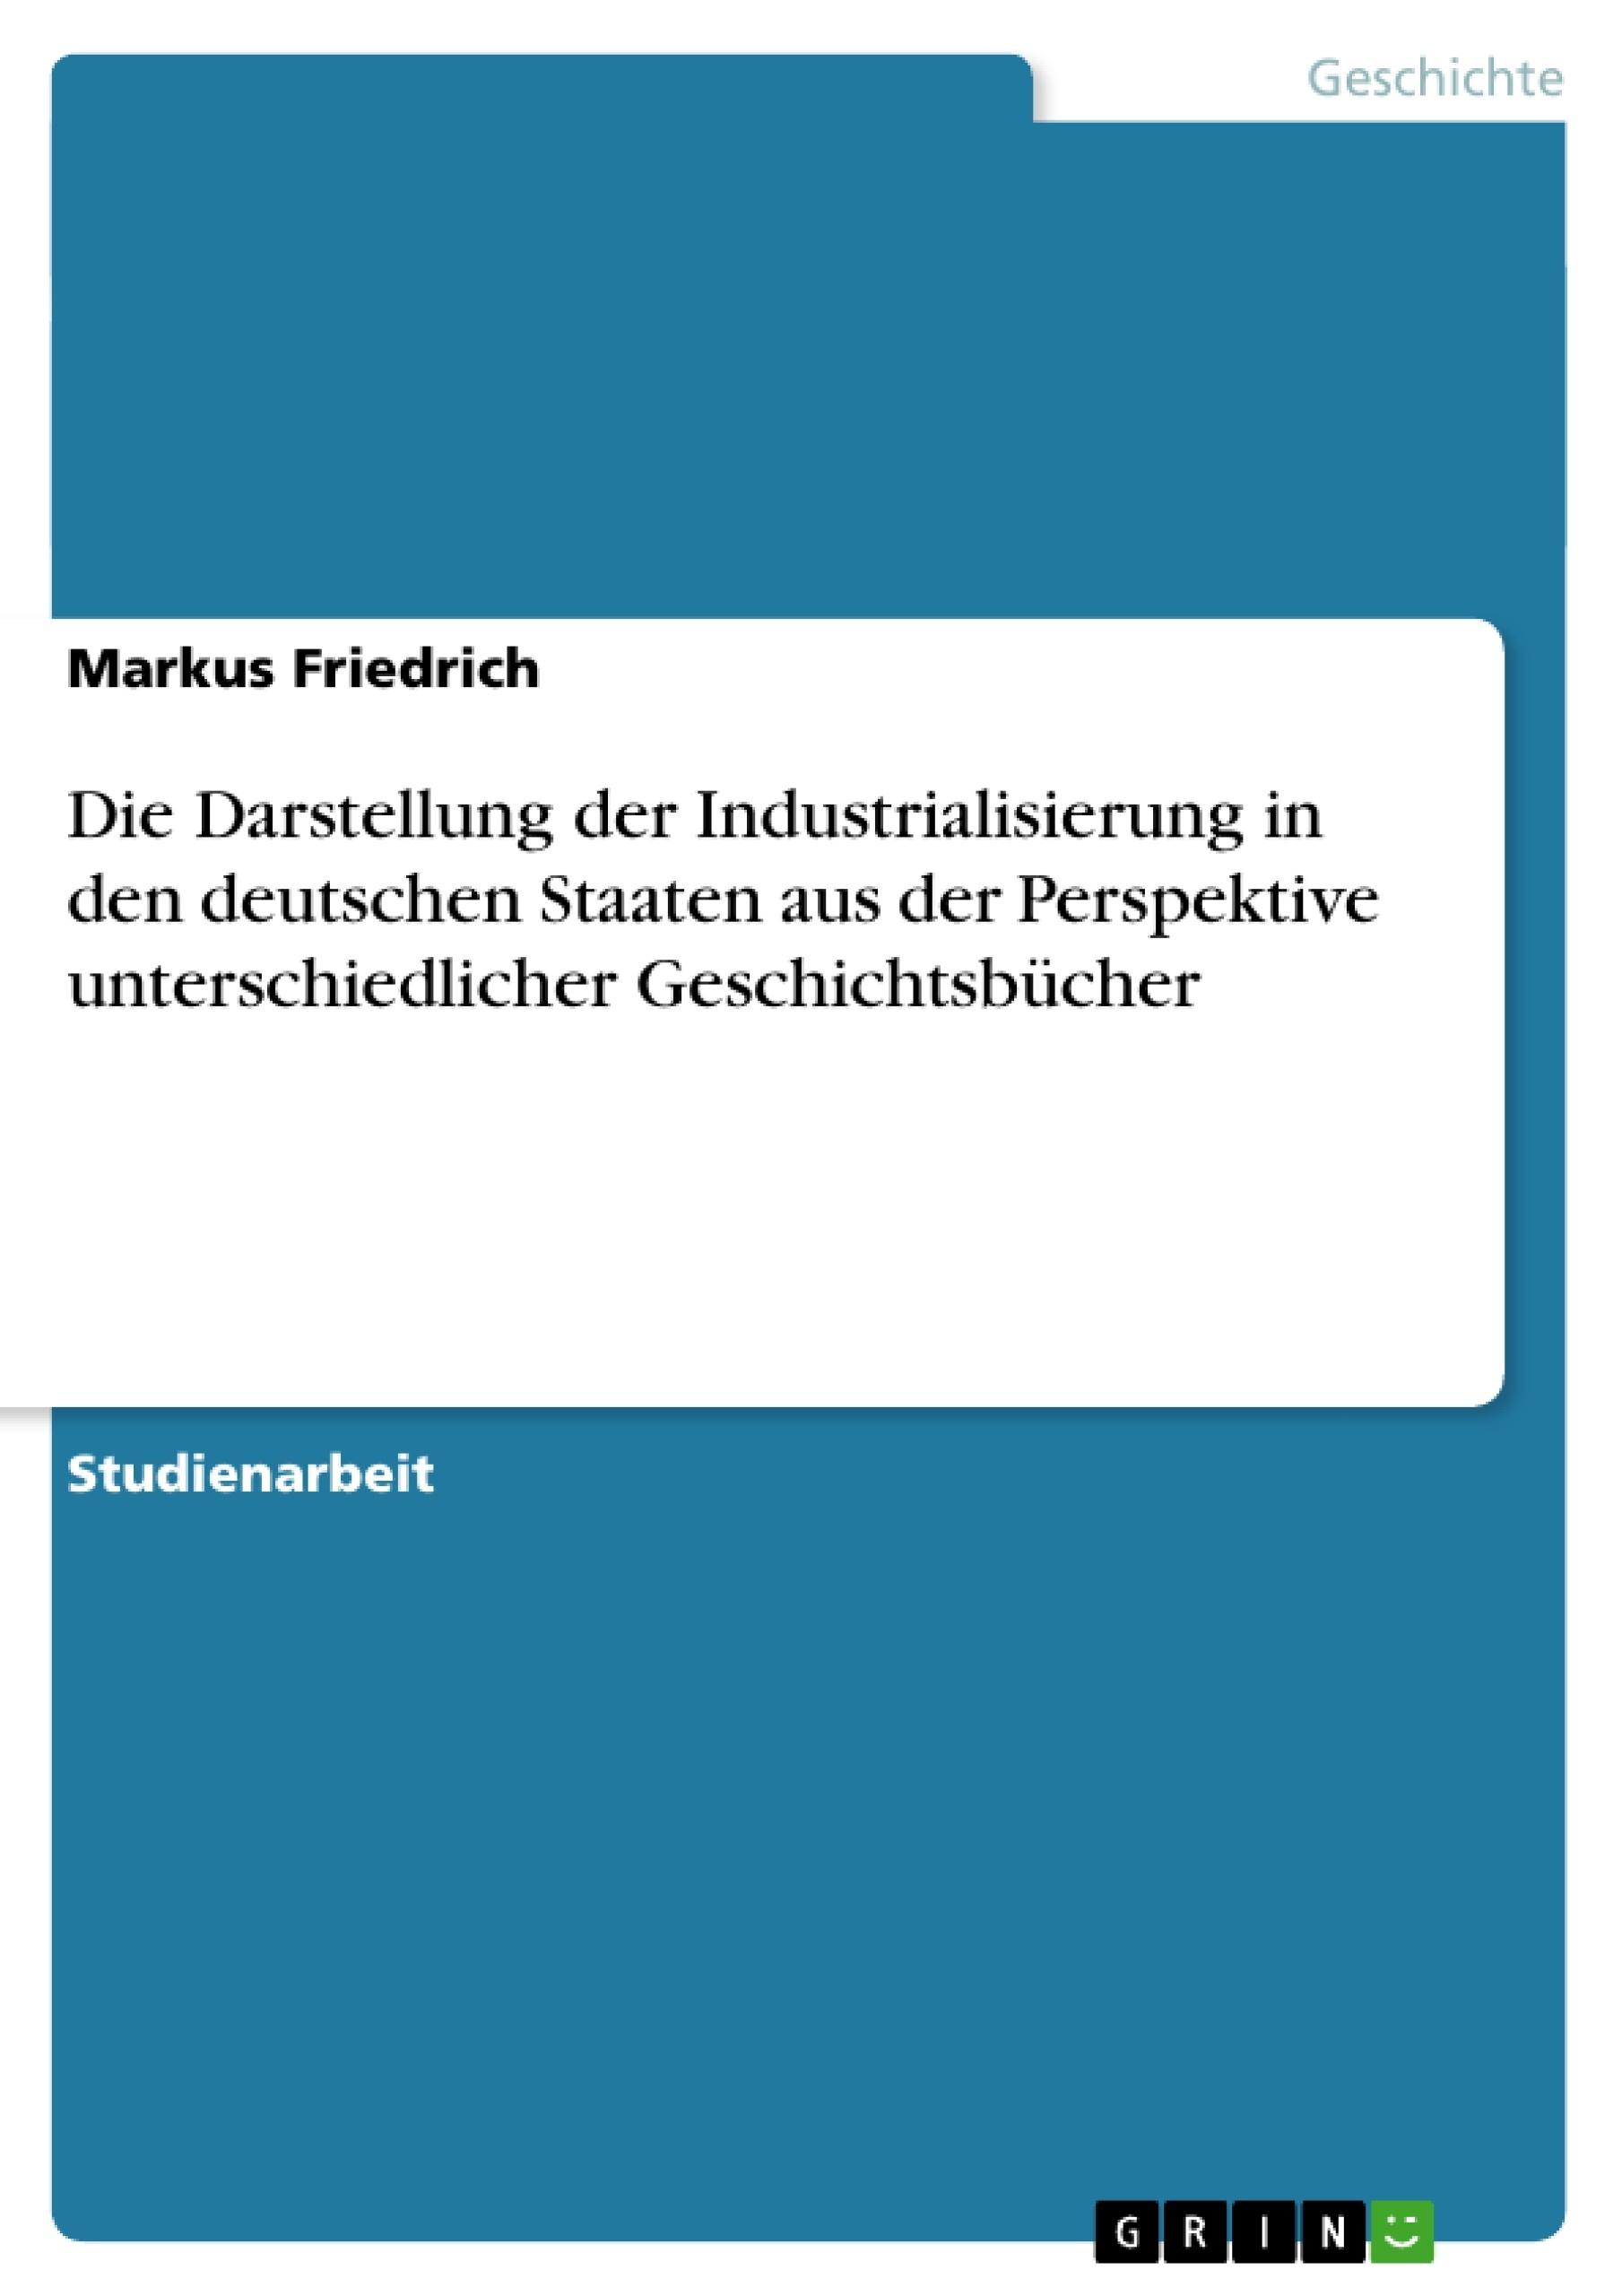 Titel: Die Darstellung der Industrialisierung in den deutschen Staaten aus der Perspektive unterschiedlicher Geschichtsbücher